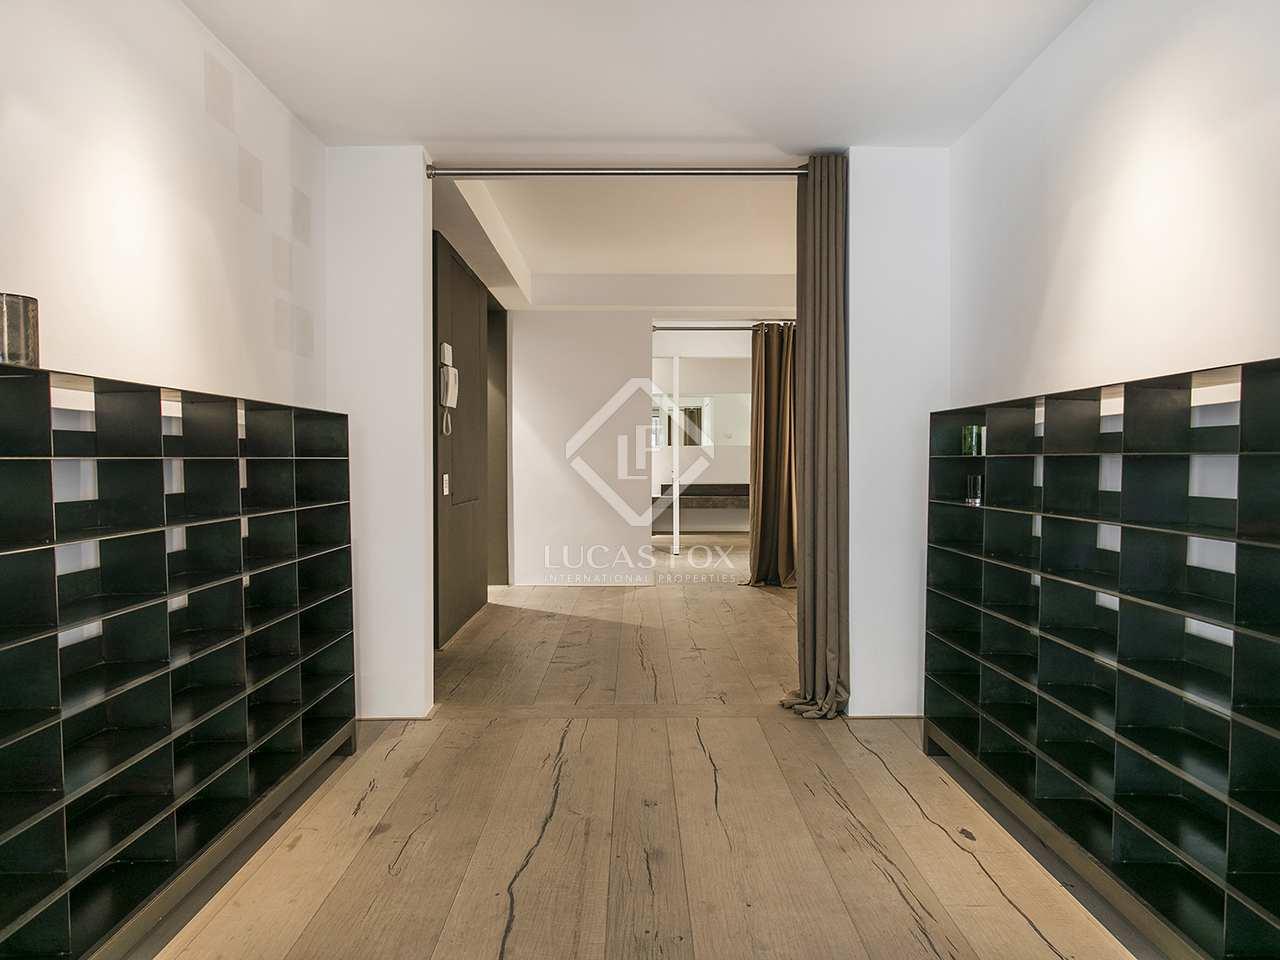 Appartement de 450m a louer tur park barcelone for Location appartement design barcelone